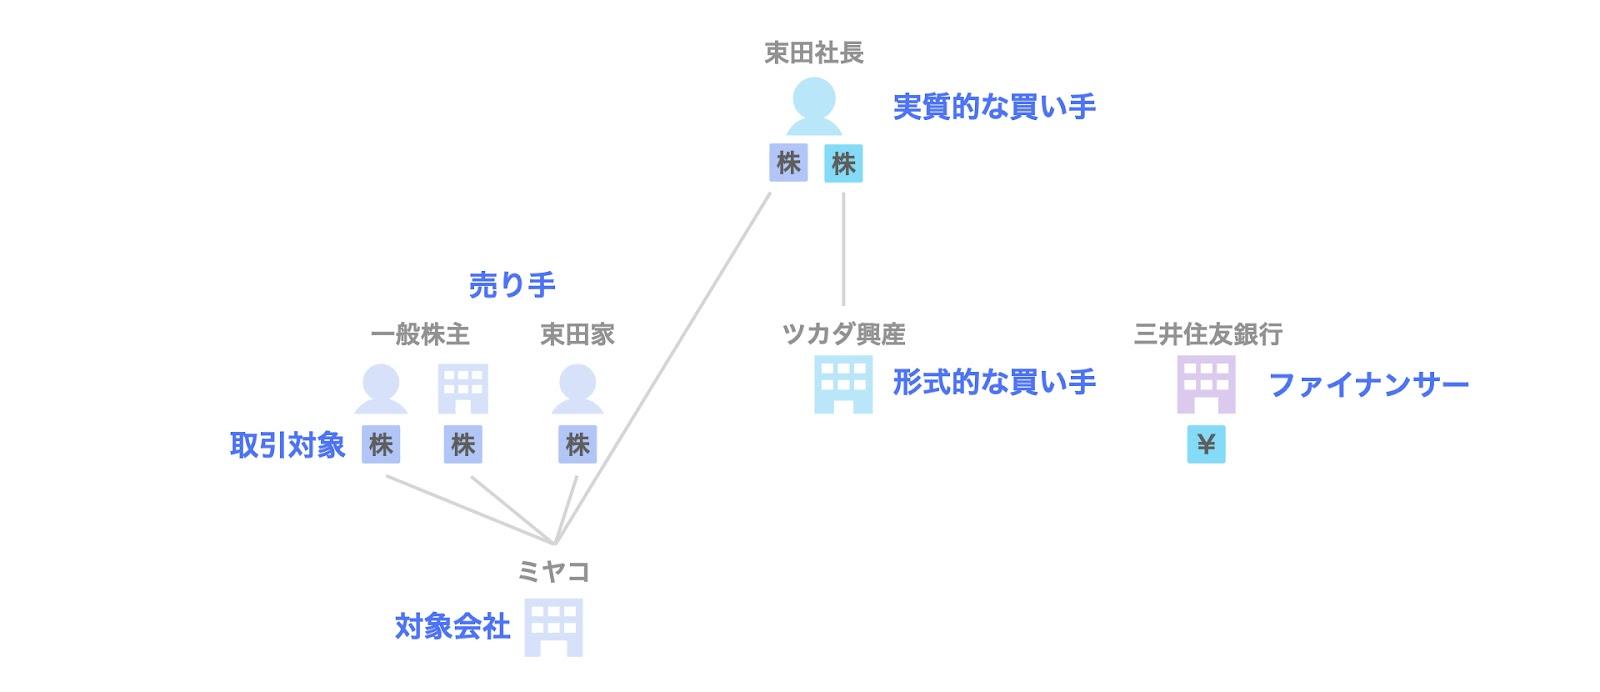 事例2. ミヤコのデットMBOの関係者